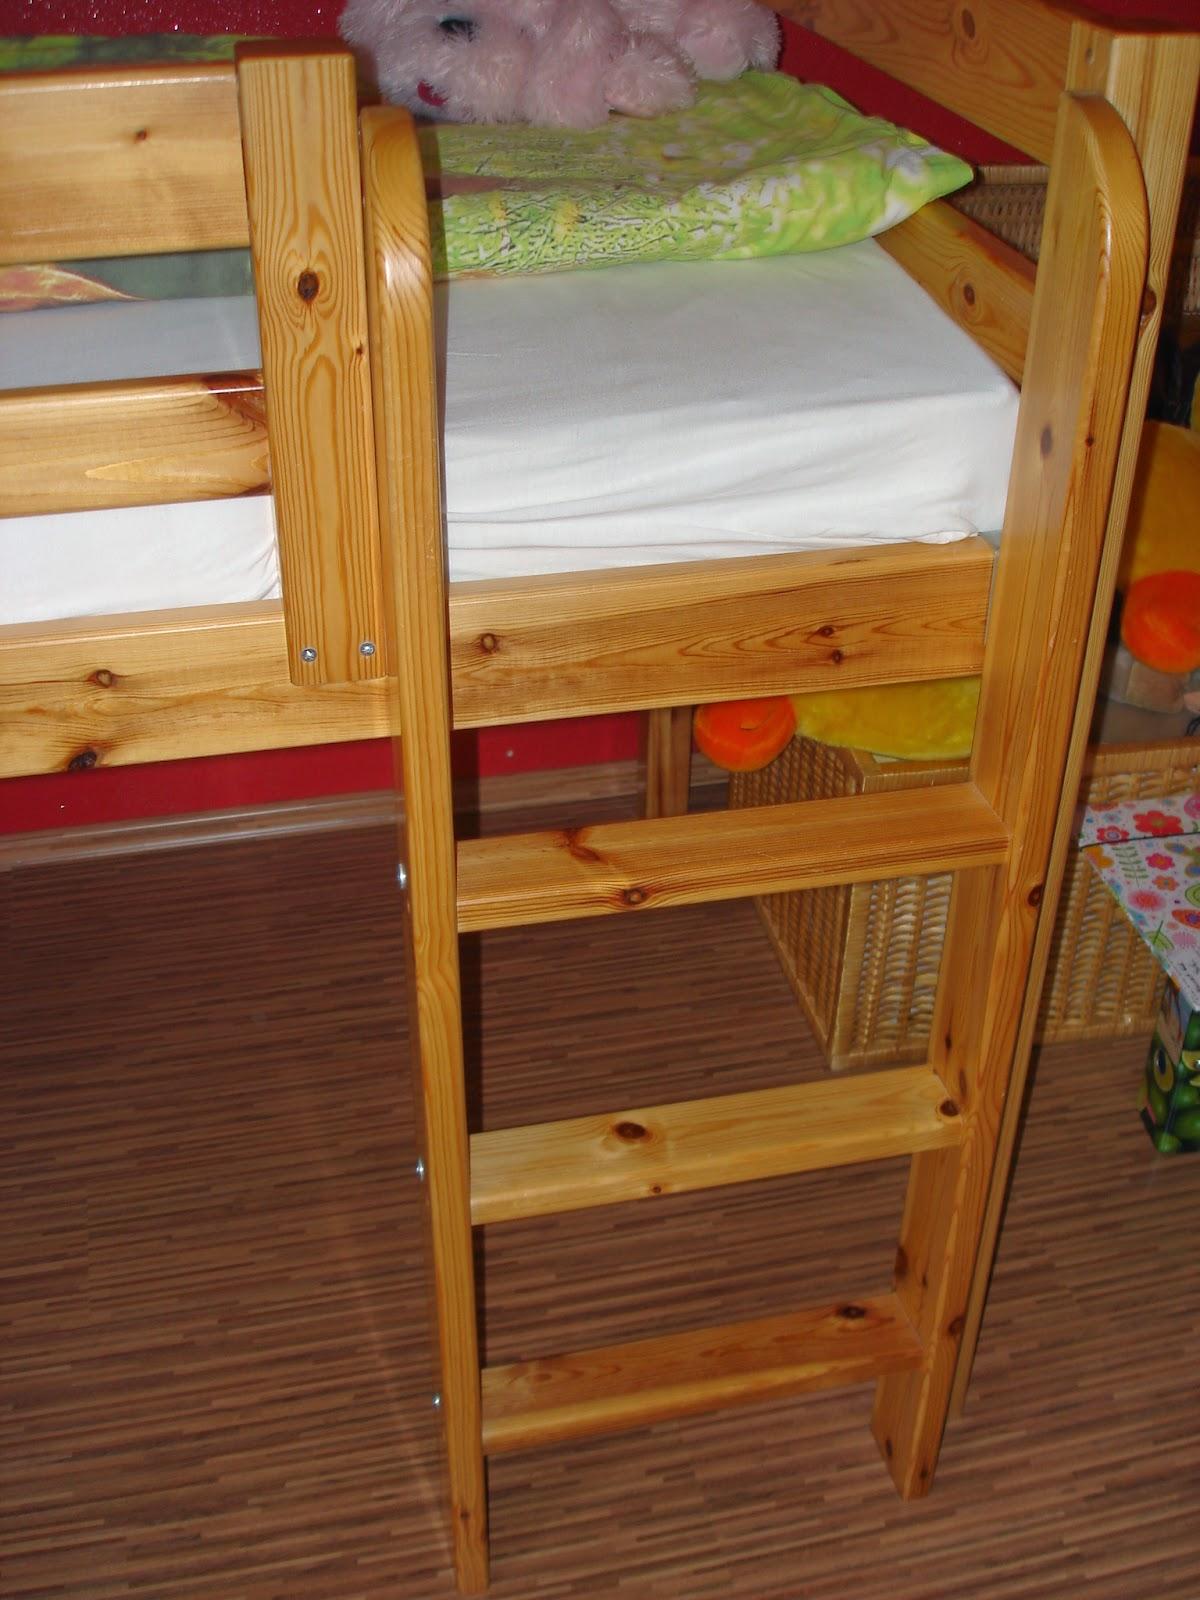 kaminbank selber bauen antike truhenbank holzbank. Black Bedroom Furniture Sets. Home Design Ideas